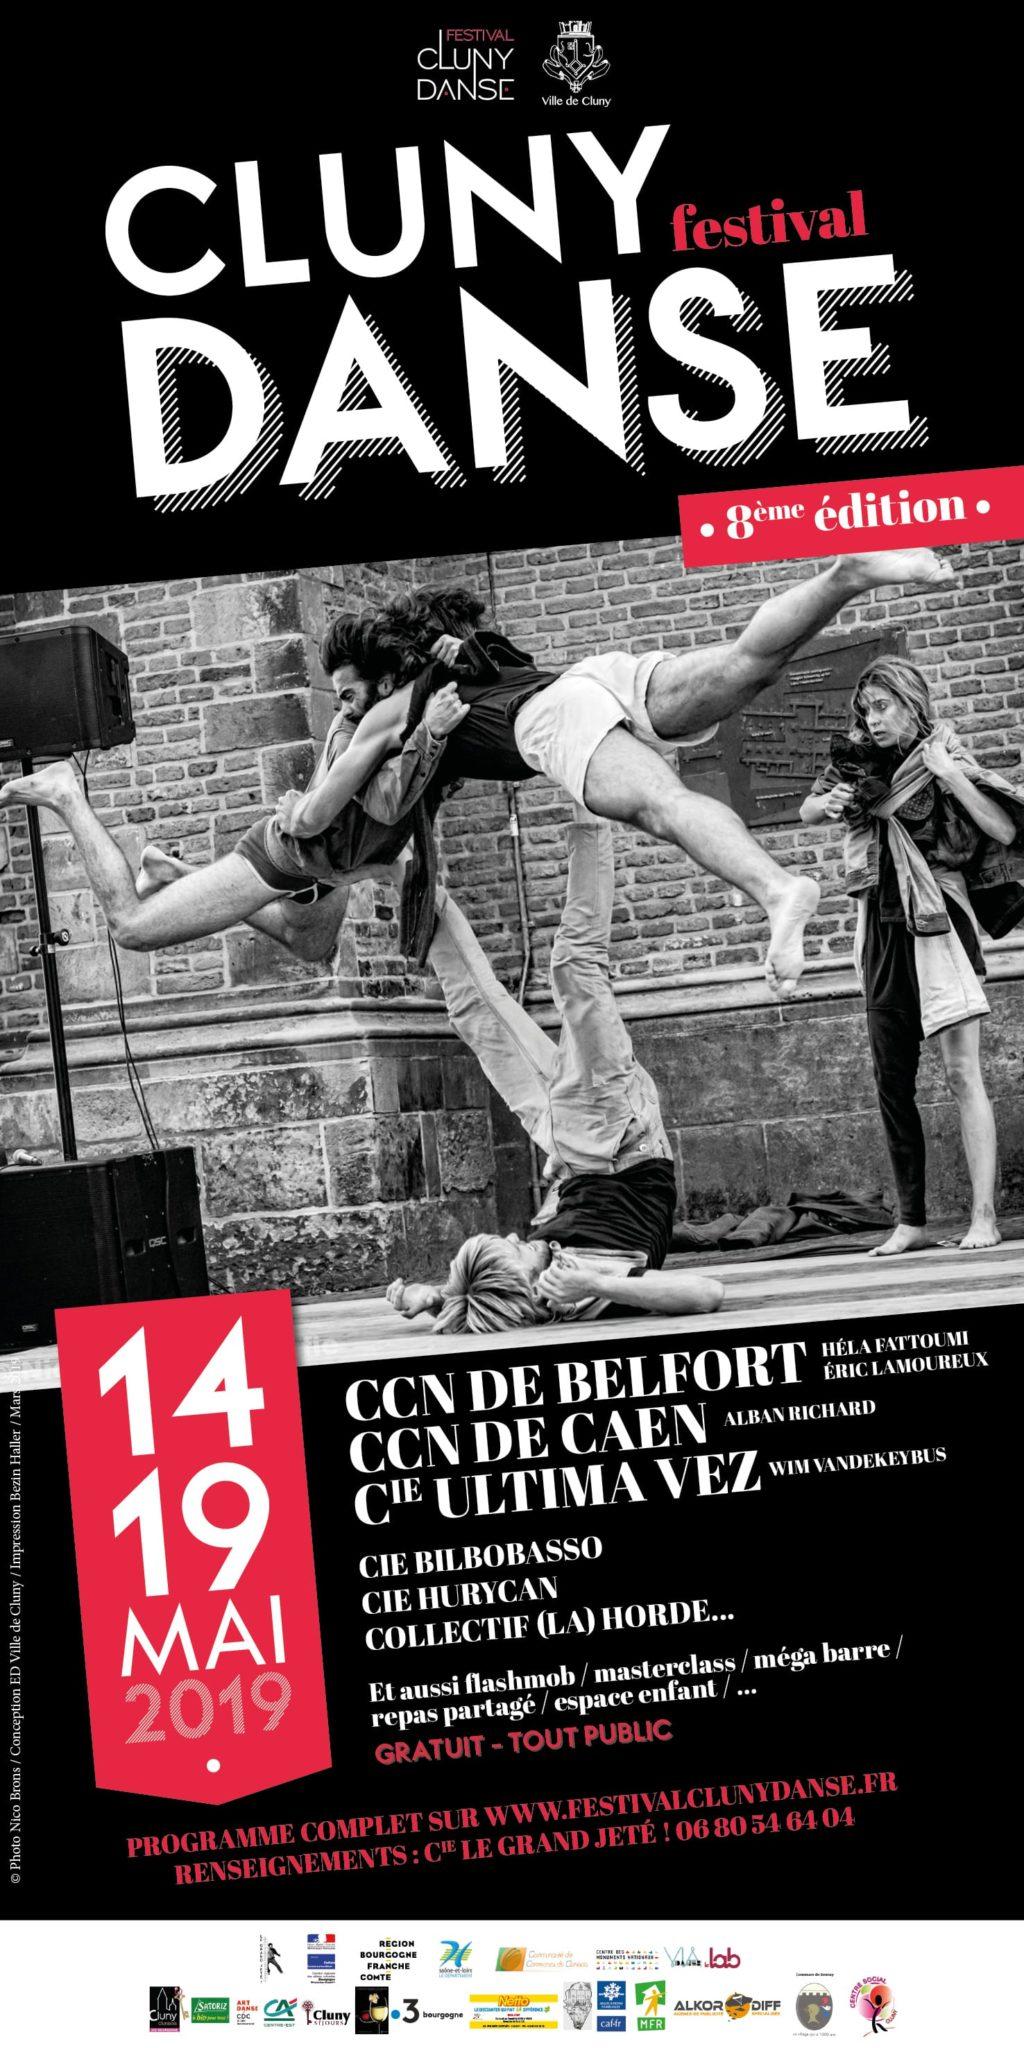 AFFICHE FESTIVAL CLUNY DANSE 8e édition